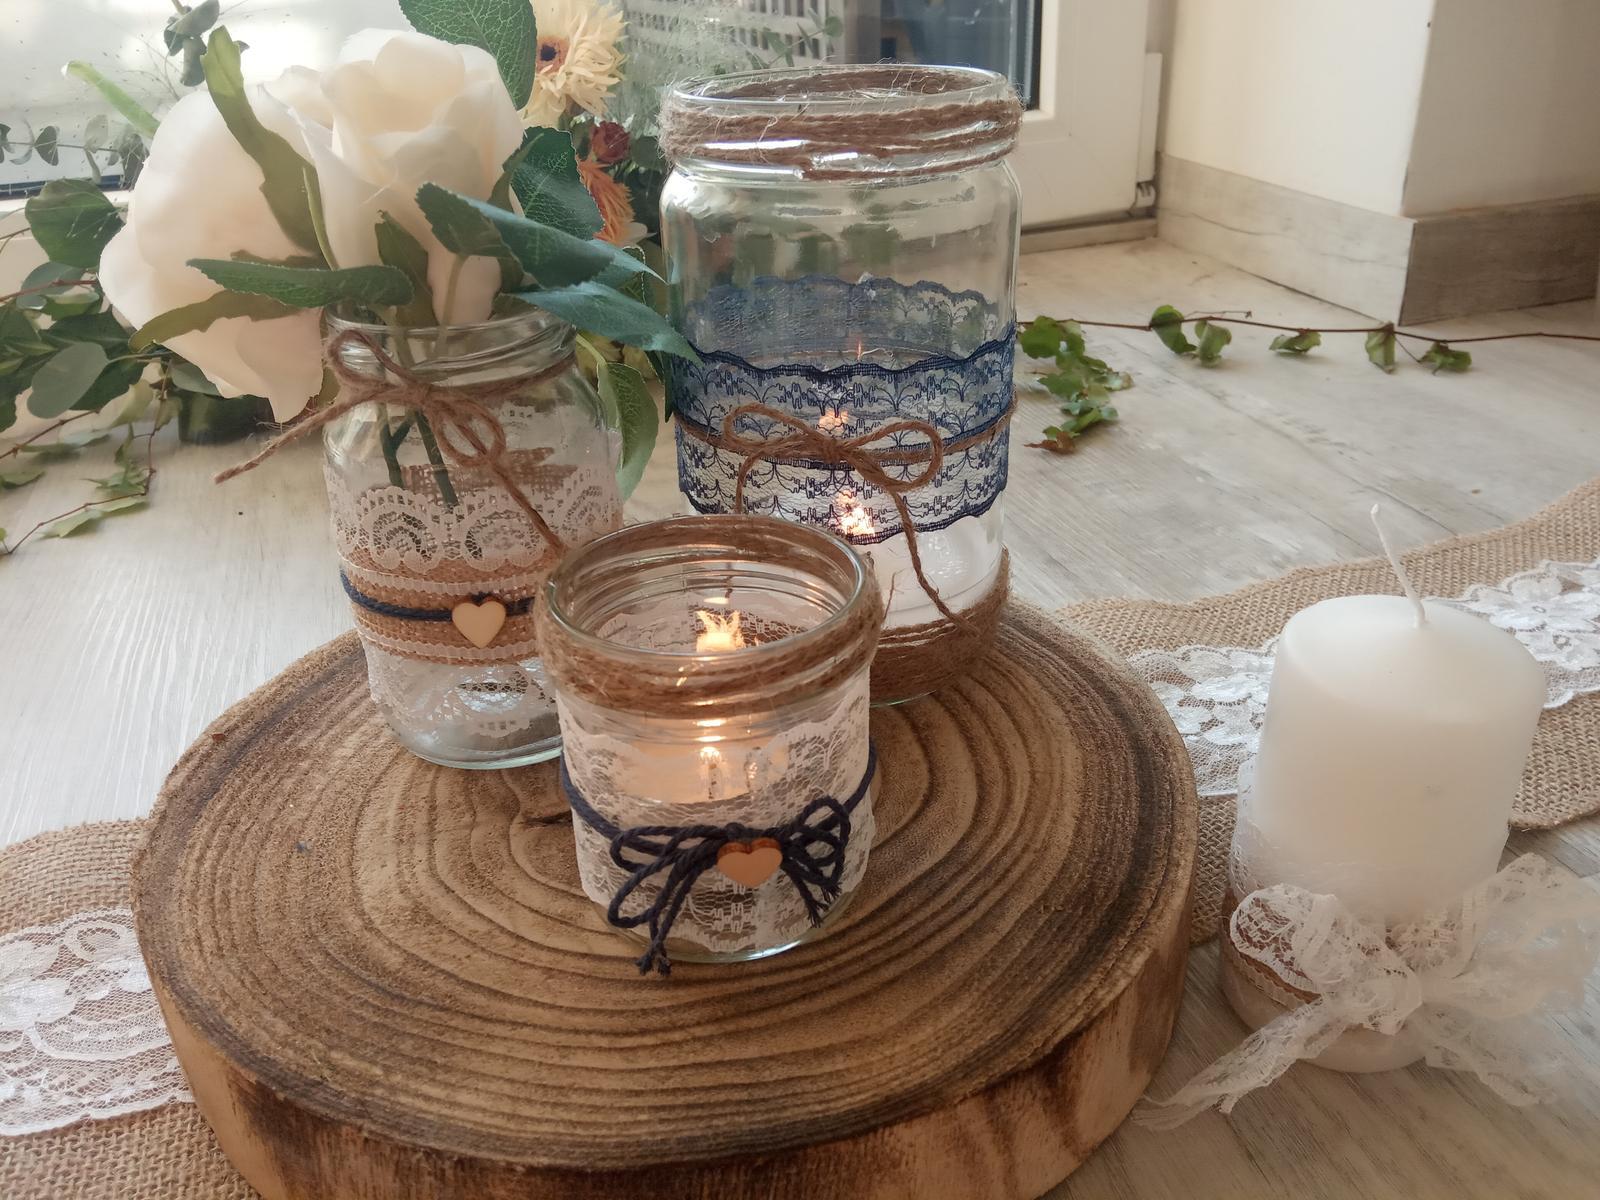 Svícínky, svíčky, vázičky - Obrázek č. 2